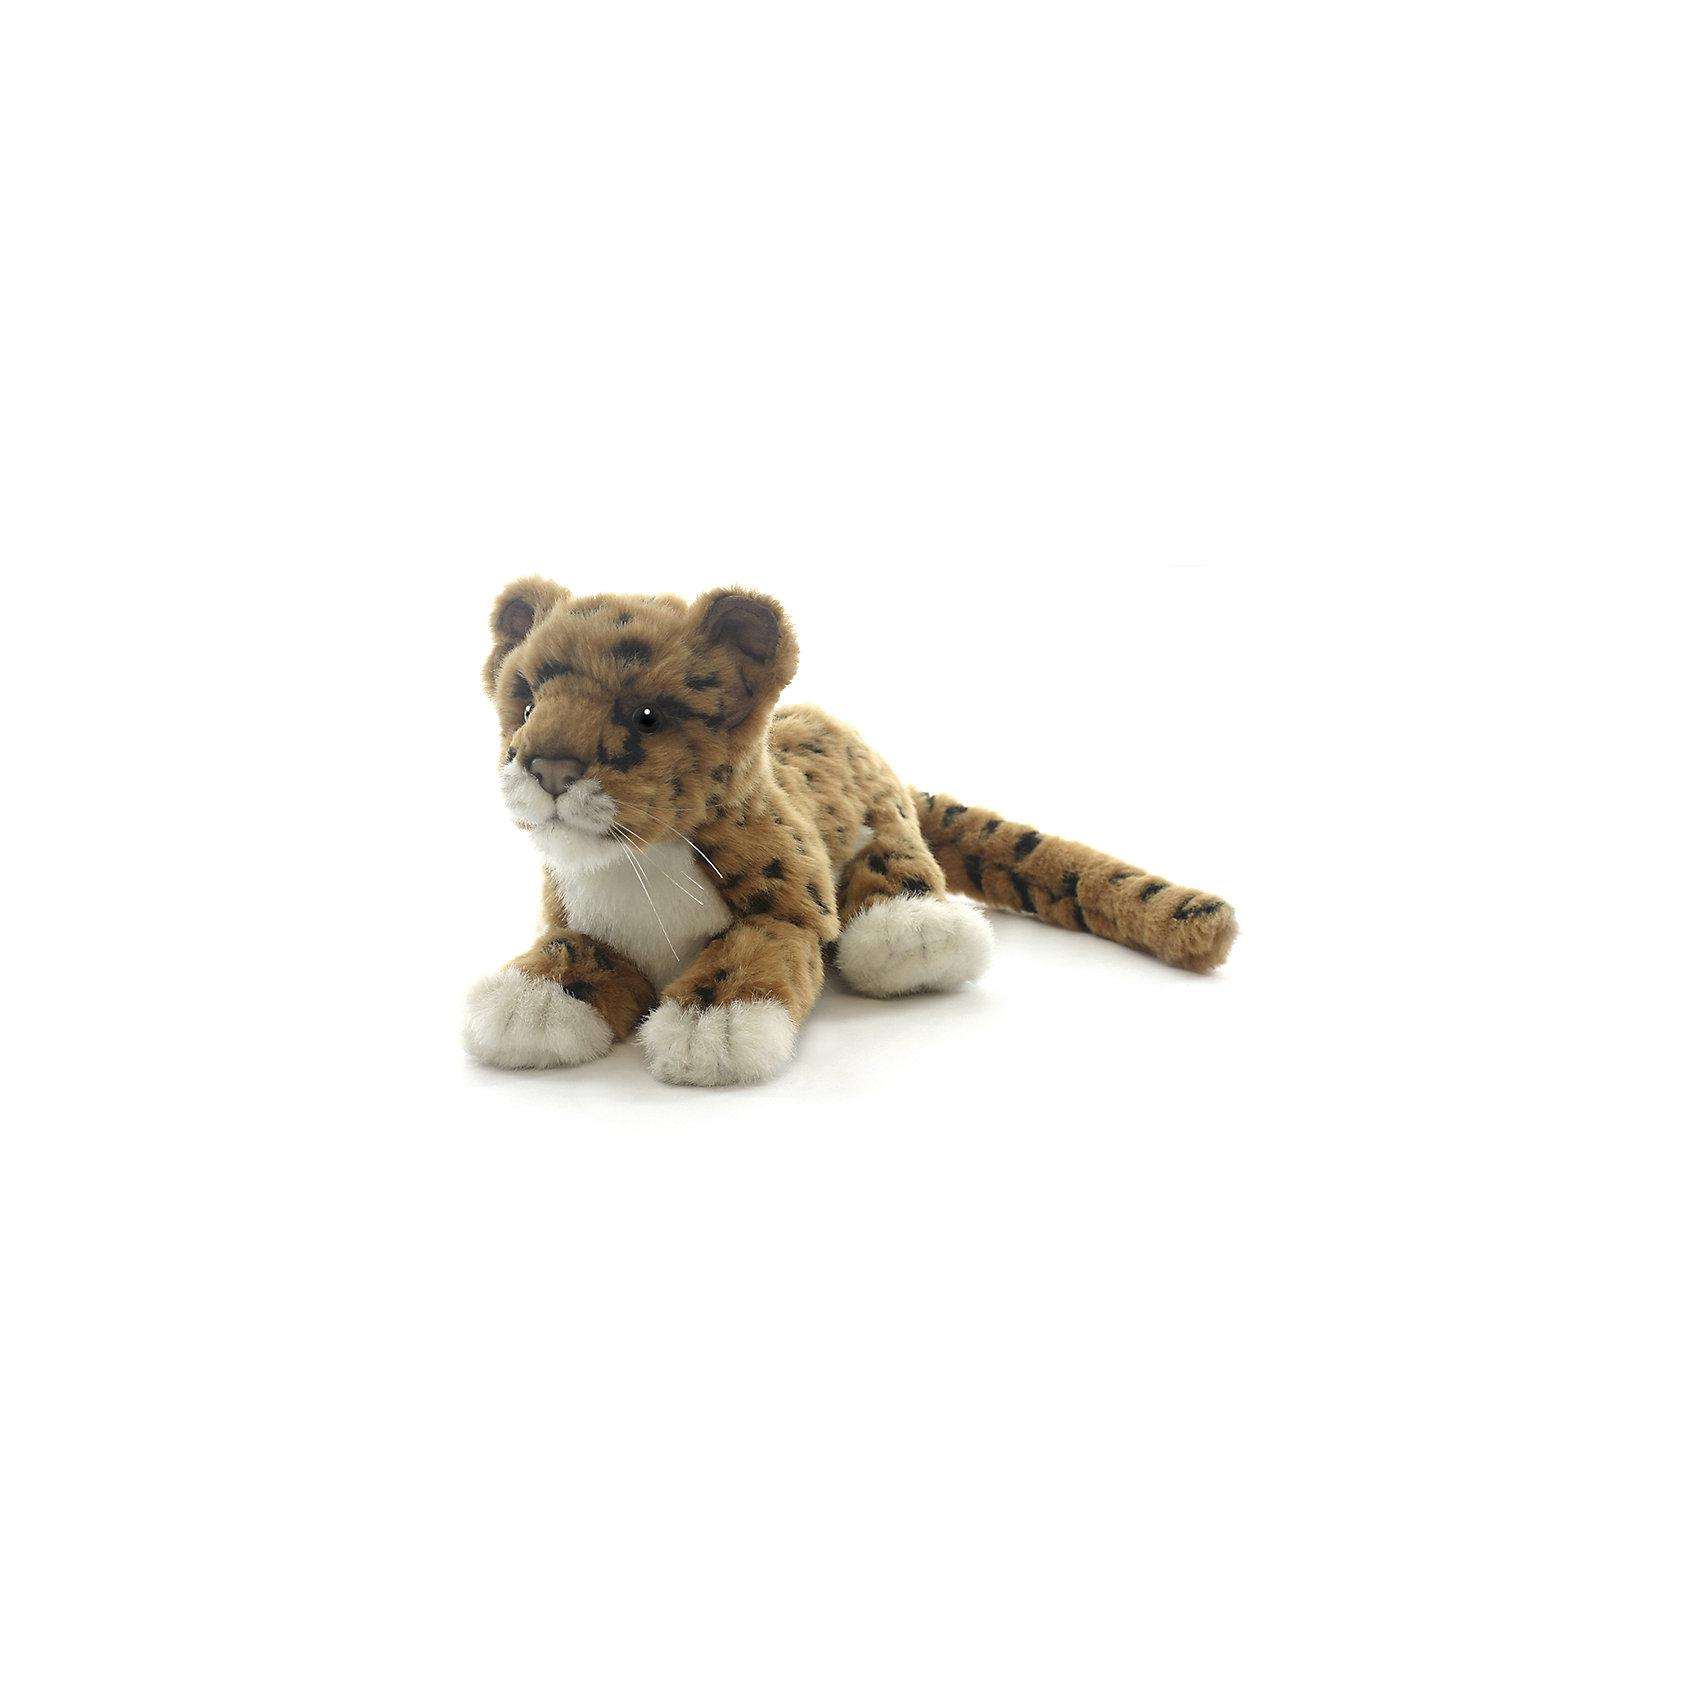 Мягкая игрушка Hansa Детеныш ягуара, 26 смМягкие игрушки животные<br>Характеристики товара:<br><br>• возраст: от 3 лет;<br>• материал: искусственный мех;<br>• длина игрушки: 26 см;<br>• размер упаковки: 26х11х16 см;<br>• вес упаковки: 125 гр.;<br>• страна производитель: Филиппины.<br><br>Мягкая игрушка Детеныш ягуара Hansa 26 см — очаровательный пушистый ягуар с глазками-пуговками, который станет для ребенка любимым домашним питомцем. Игрушку можно брать с собой на прогулку, в детский садик, в гости и устраивать вместе с друзьями веселые игры. <br><br>Внутри проходит титановый каркас, который позволяет менять положение лап, туловища, поворачивать голову. Игрушка сделана из качественных безопасных материалов.<br><br>Мягкую игрушку Детеныш ягуара Hansa 26 см можно приобрести в нашем интернет-магазине.<br><br>Ширина мм: 260<br>Глубина мм: 110<br>Высота мм: 160<br>Вес г: 125<br>Возраст от месяцев: 36<br>Возраст до месяцев: 2147483647<br>Пол: Унисекс<br>Возраст: Детский<br>SKU: 6680732